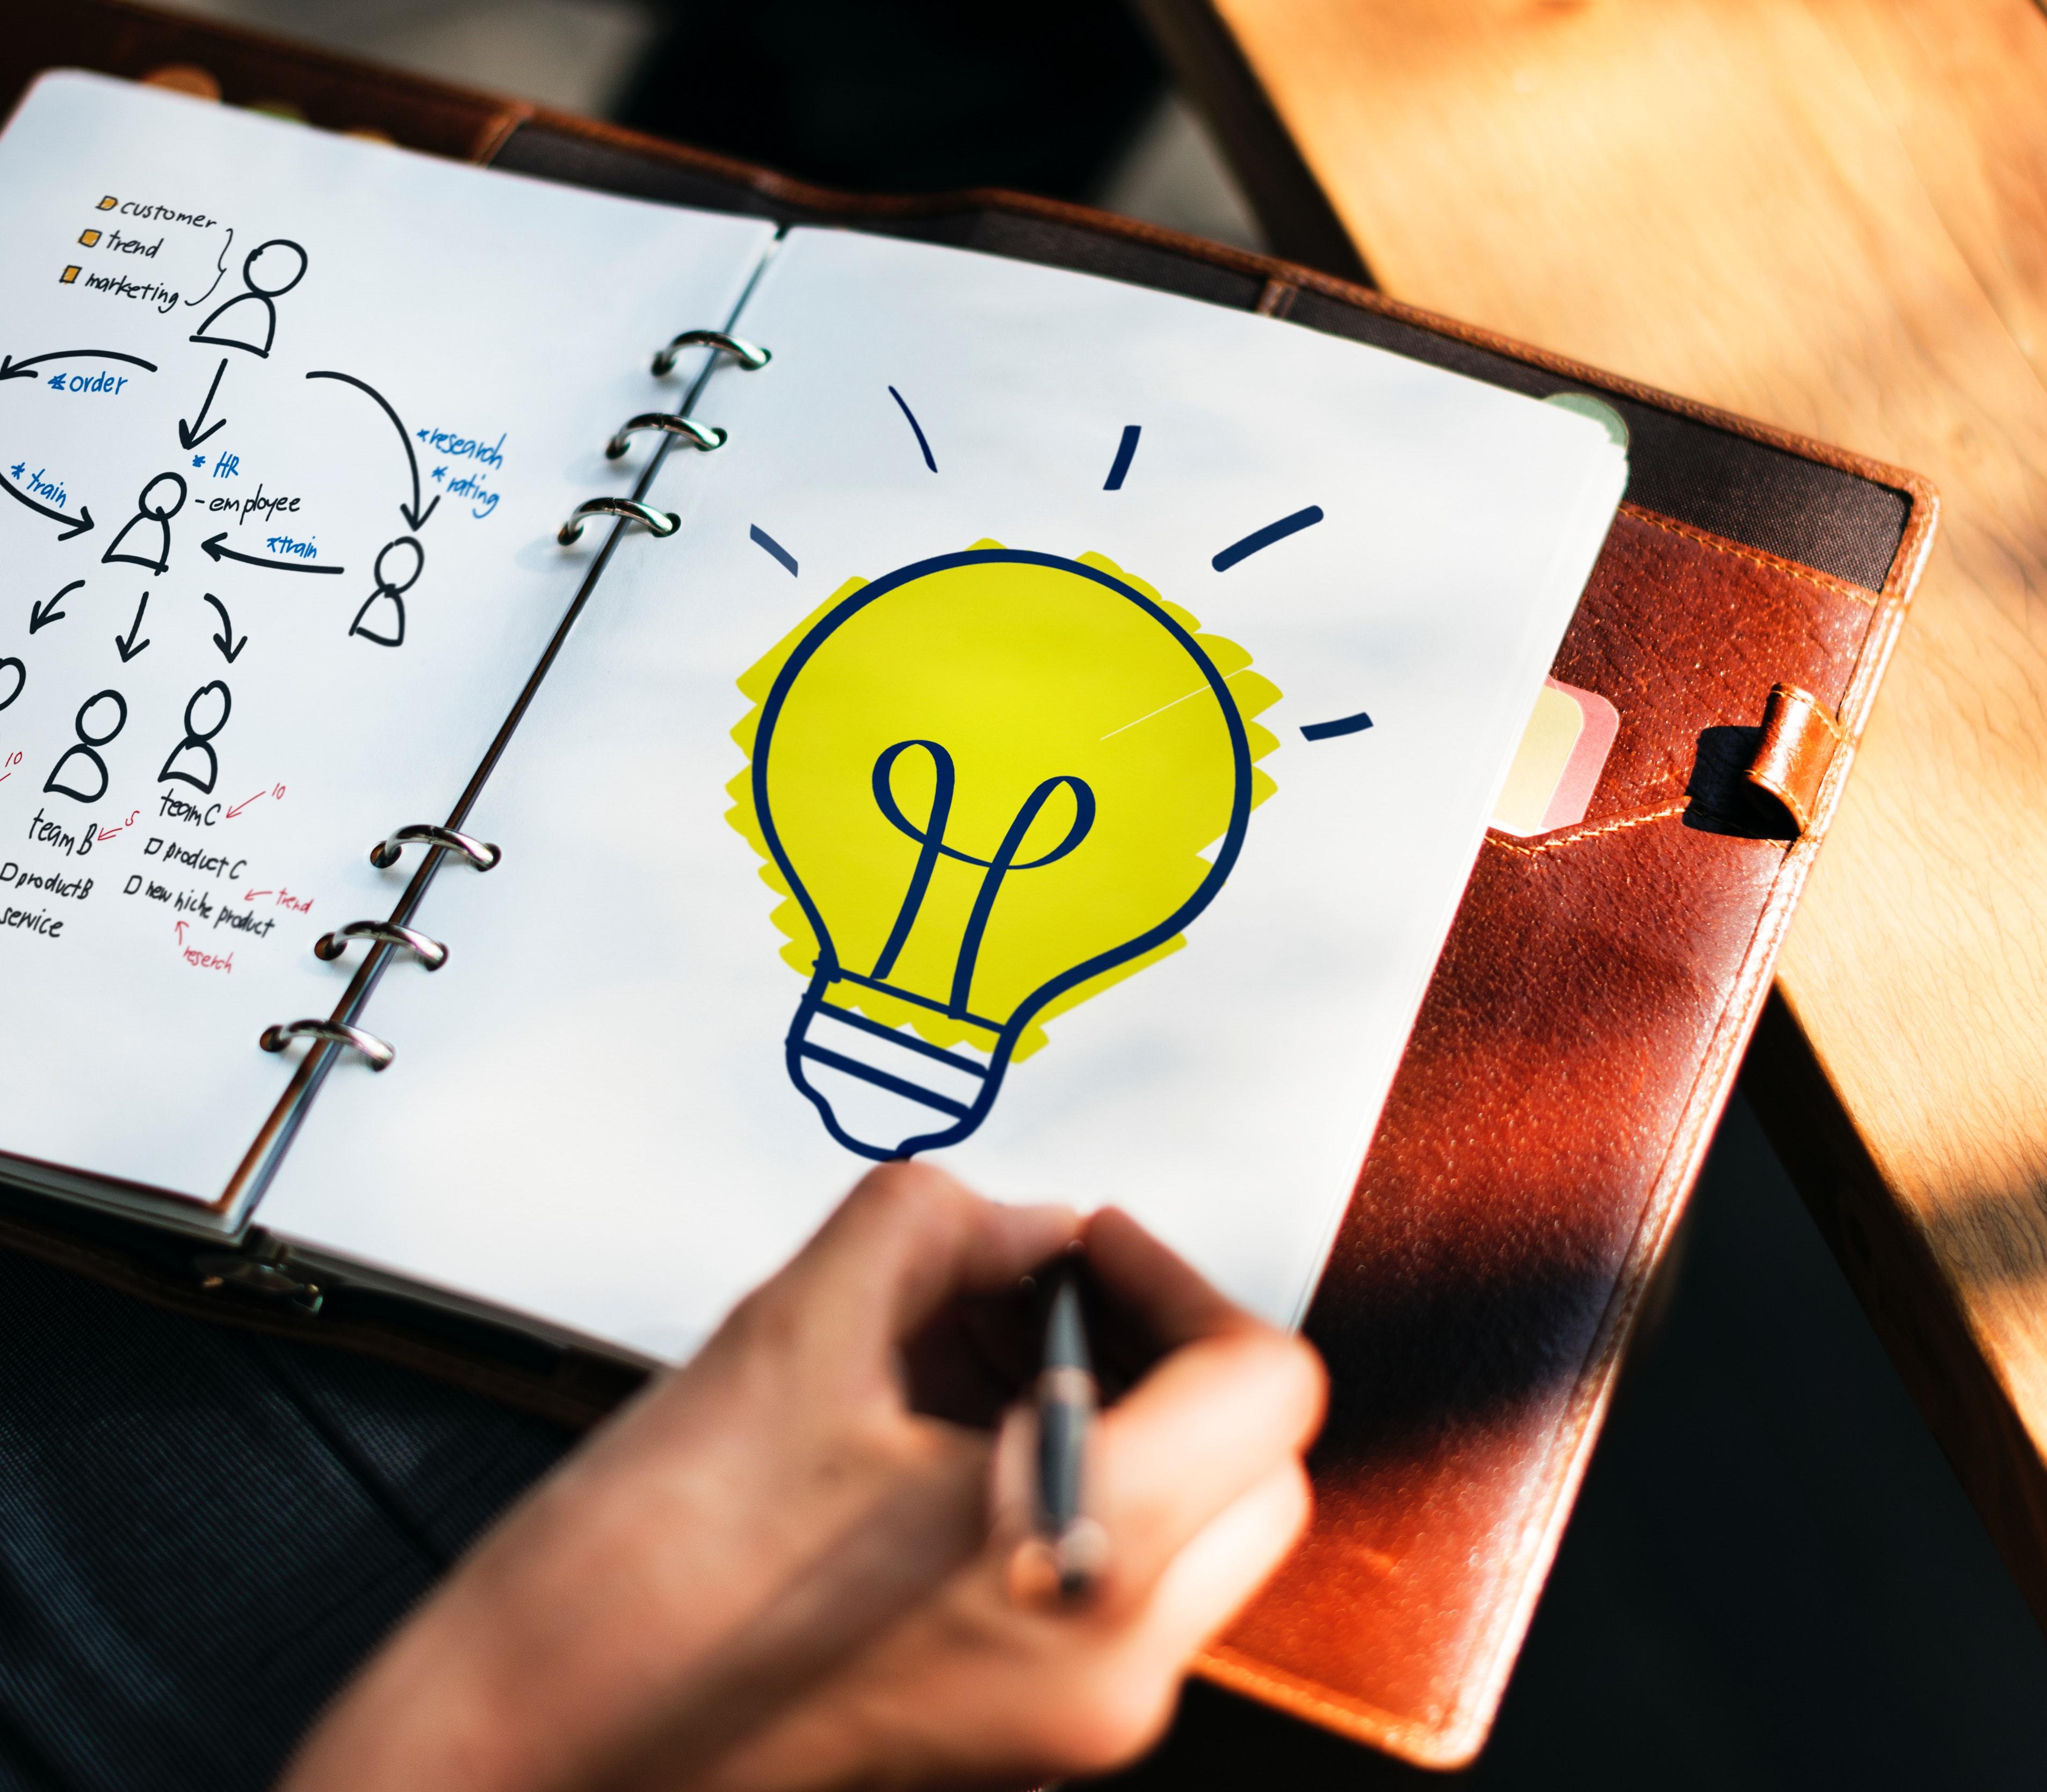 conheça os negócios mais promissores para 2019 sebraevocê pode ter bons resultados e abrir o negócio ideal!